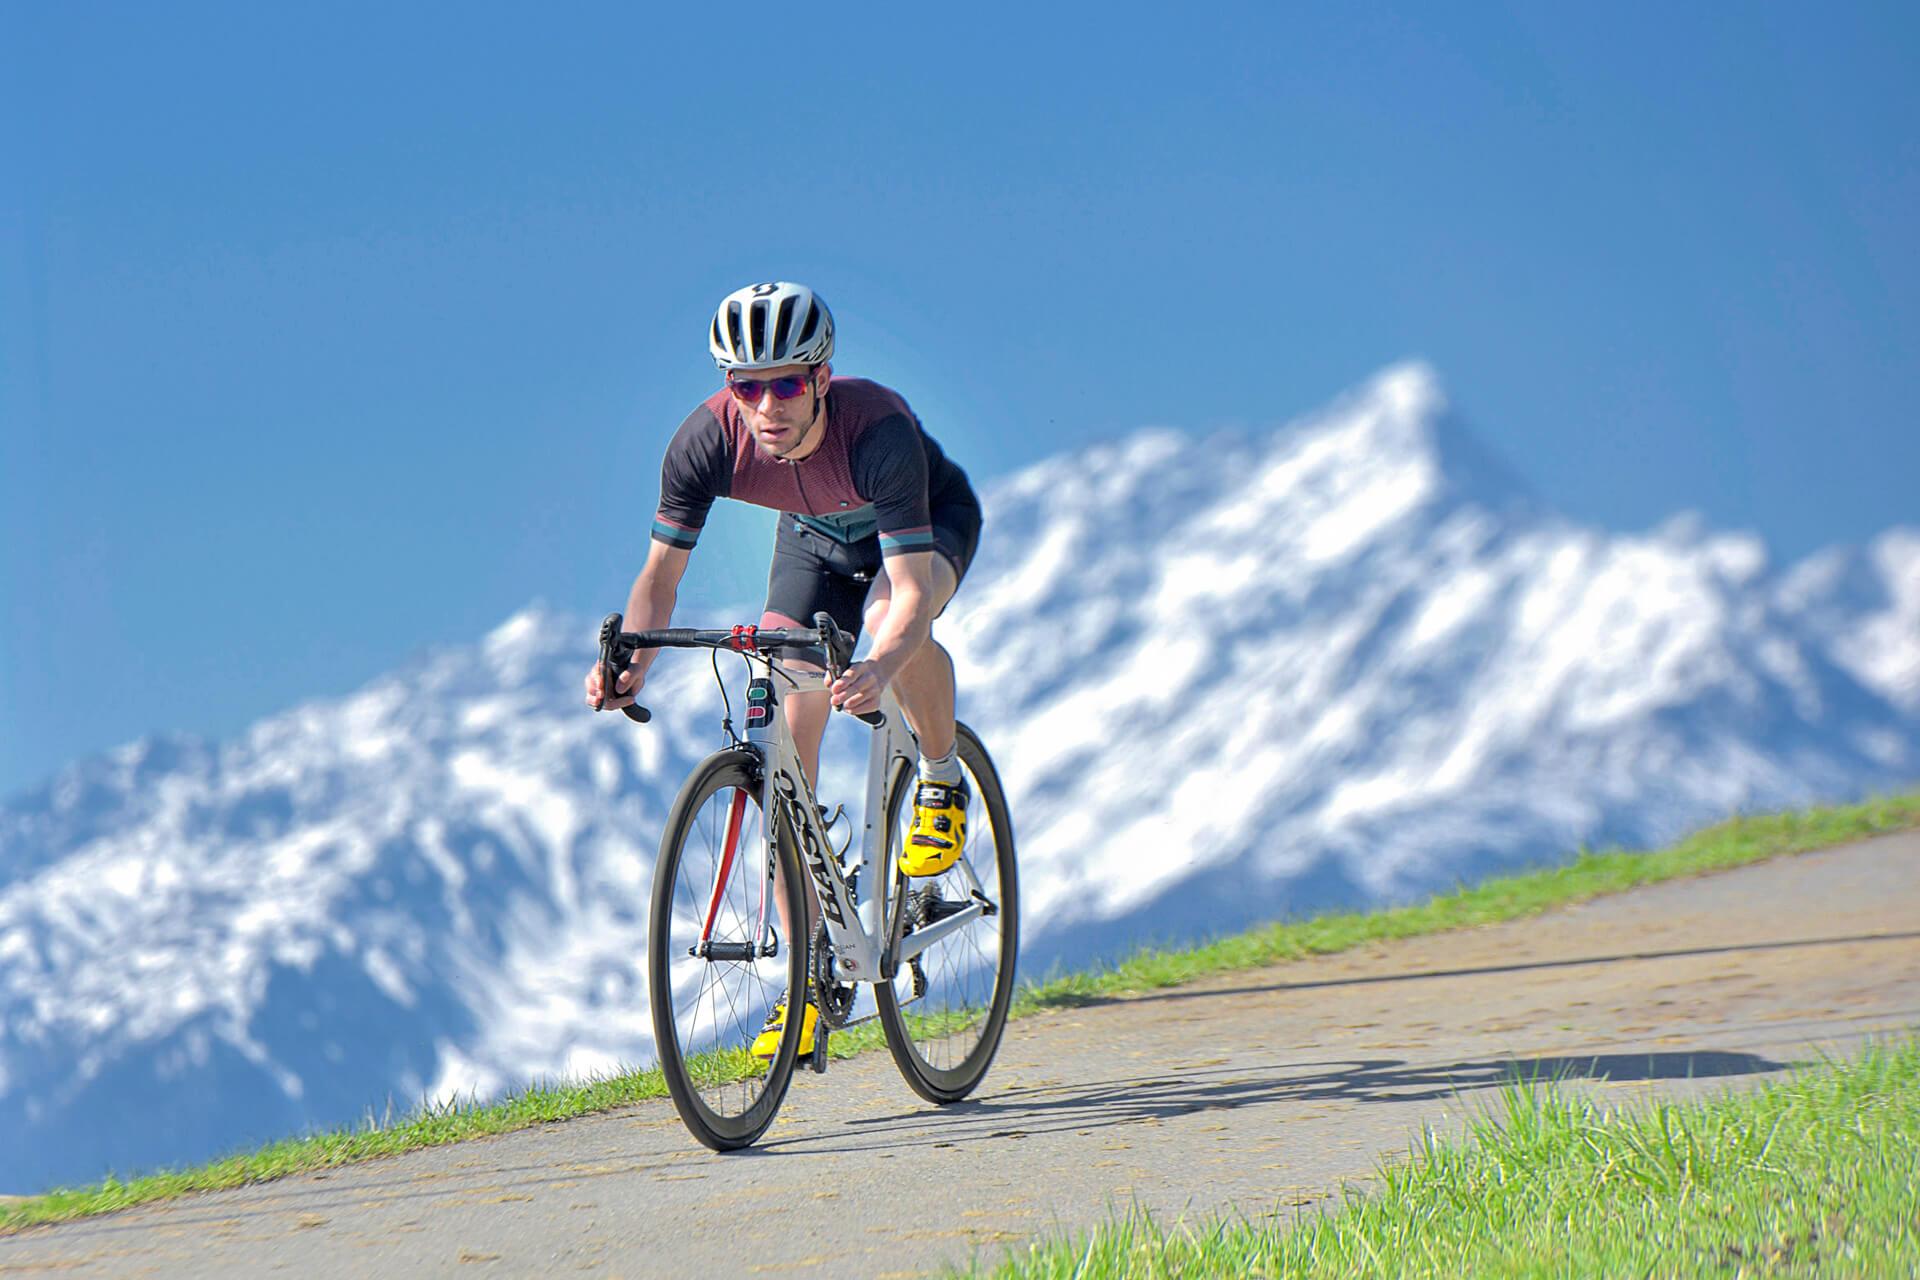 Rennrad fahren im Vinschgau © BVA Bikemedia - Jürgen Amann